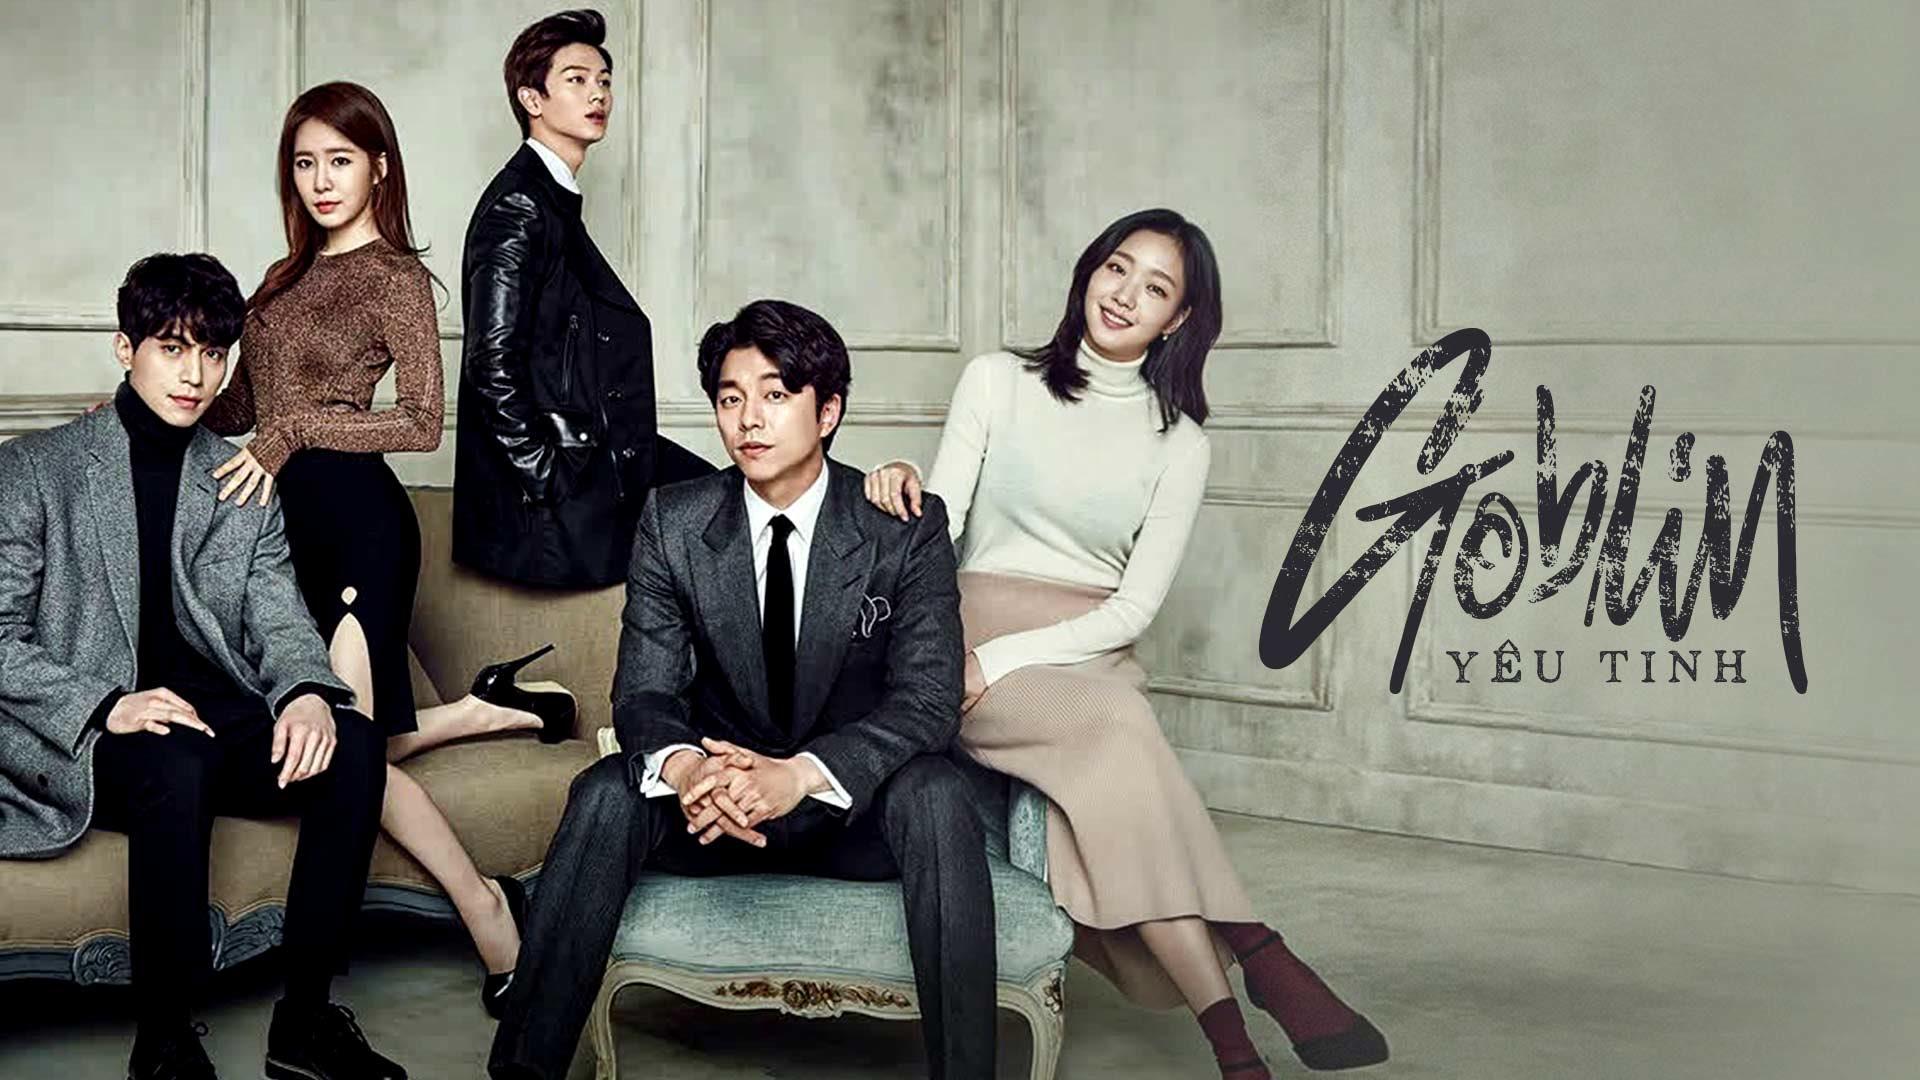 Phim yêu tinh Hàn Quốc trọn bộ